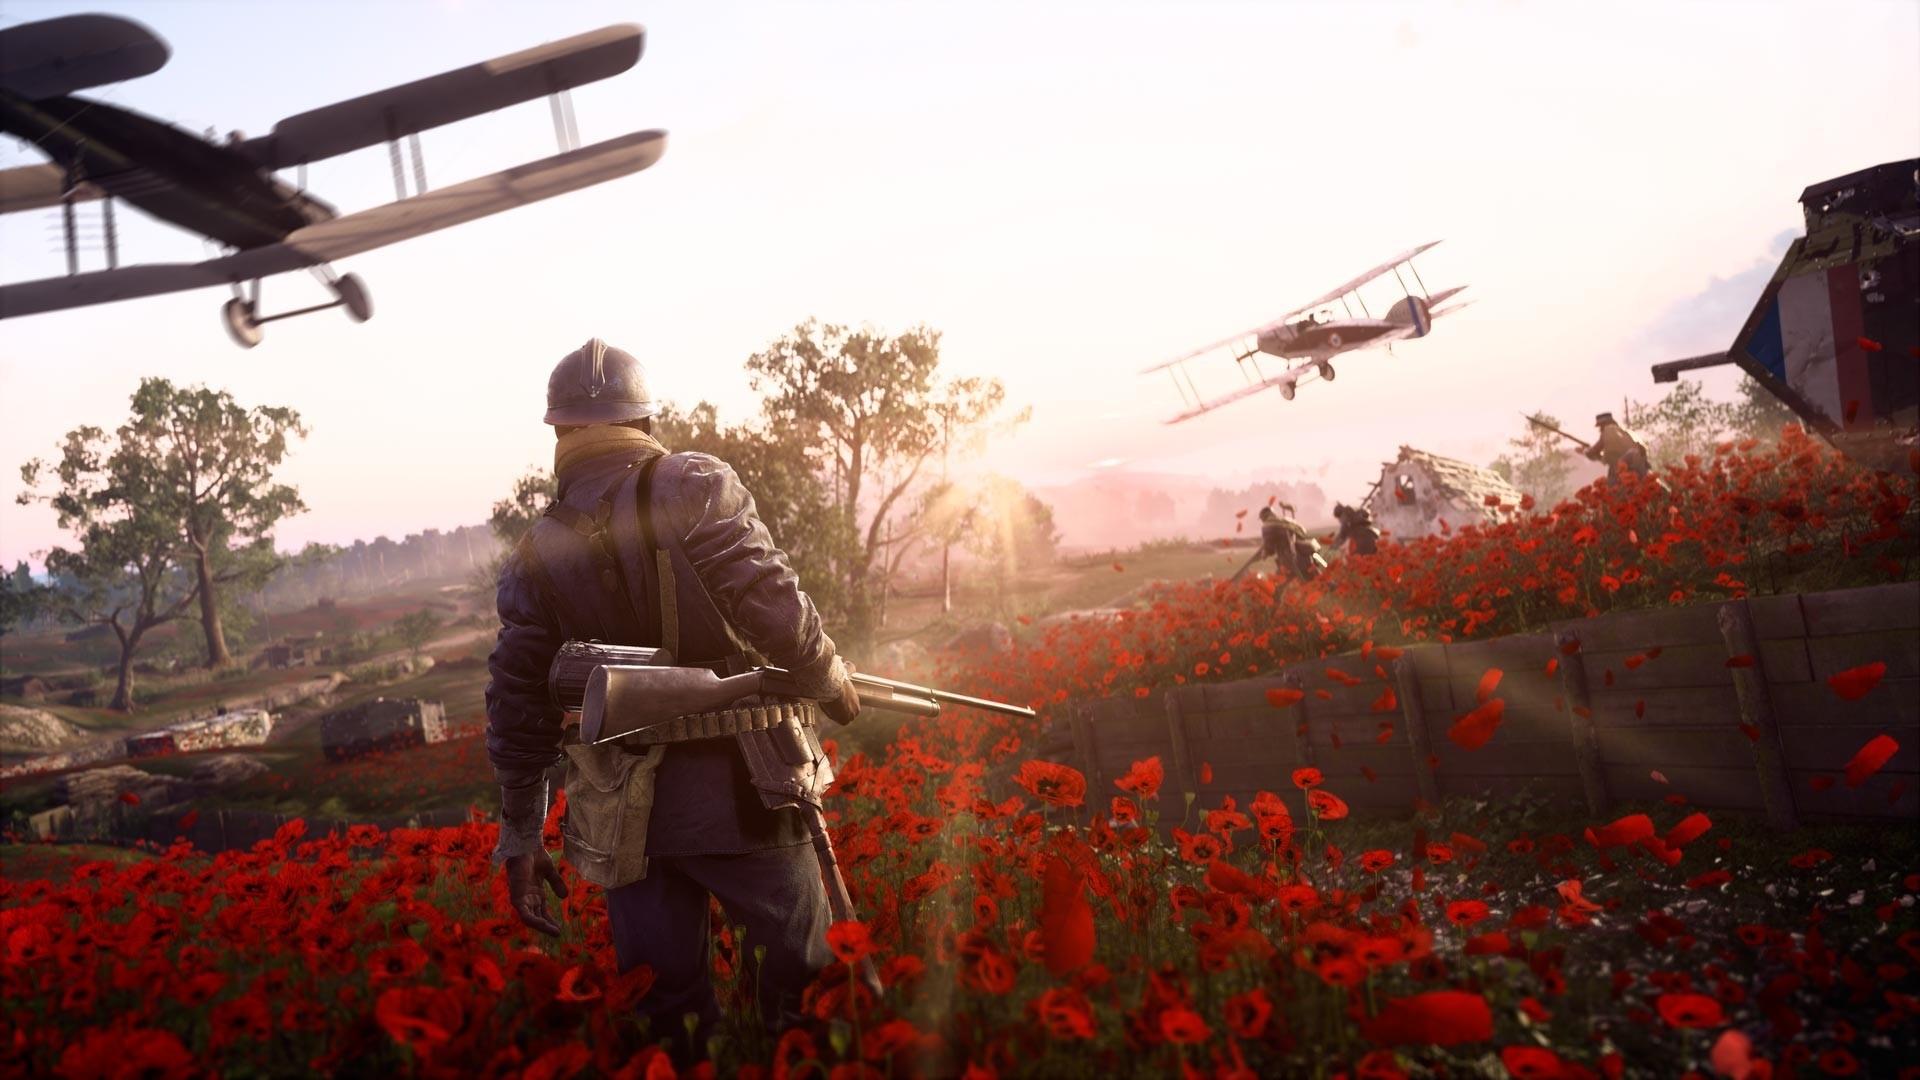 Battlefield 1 Good Wallpaper